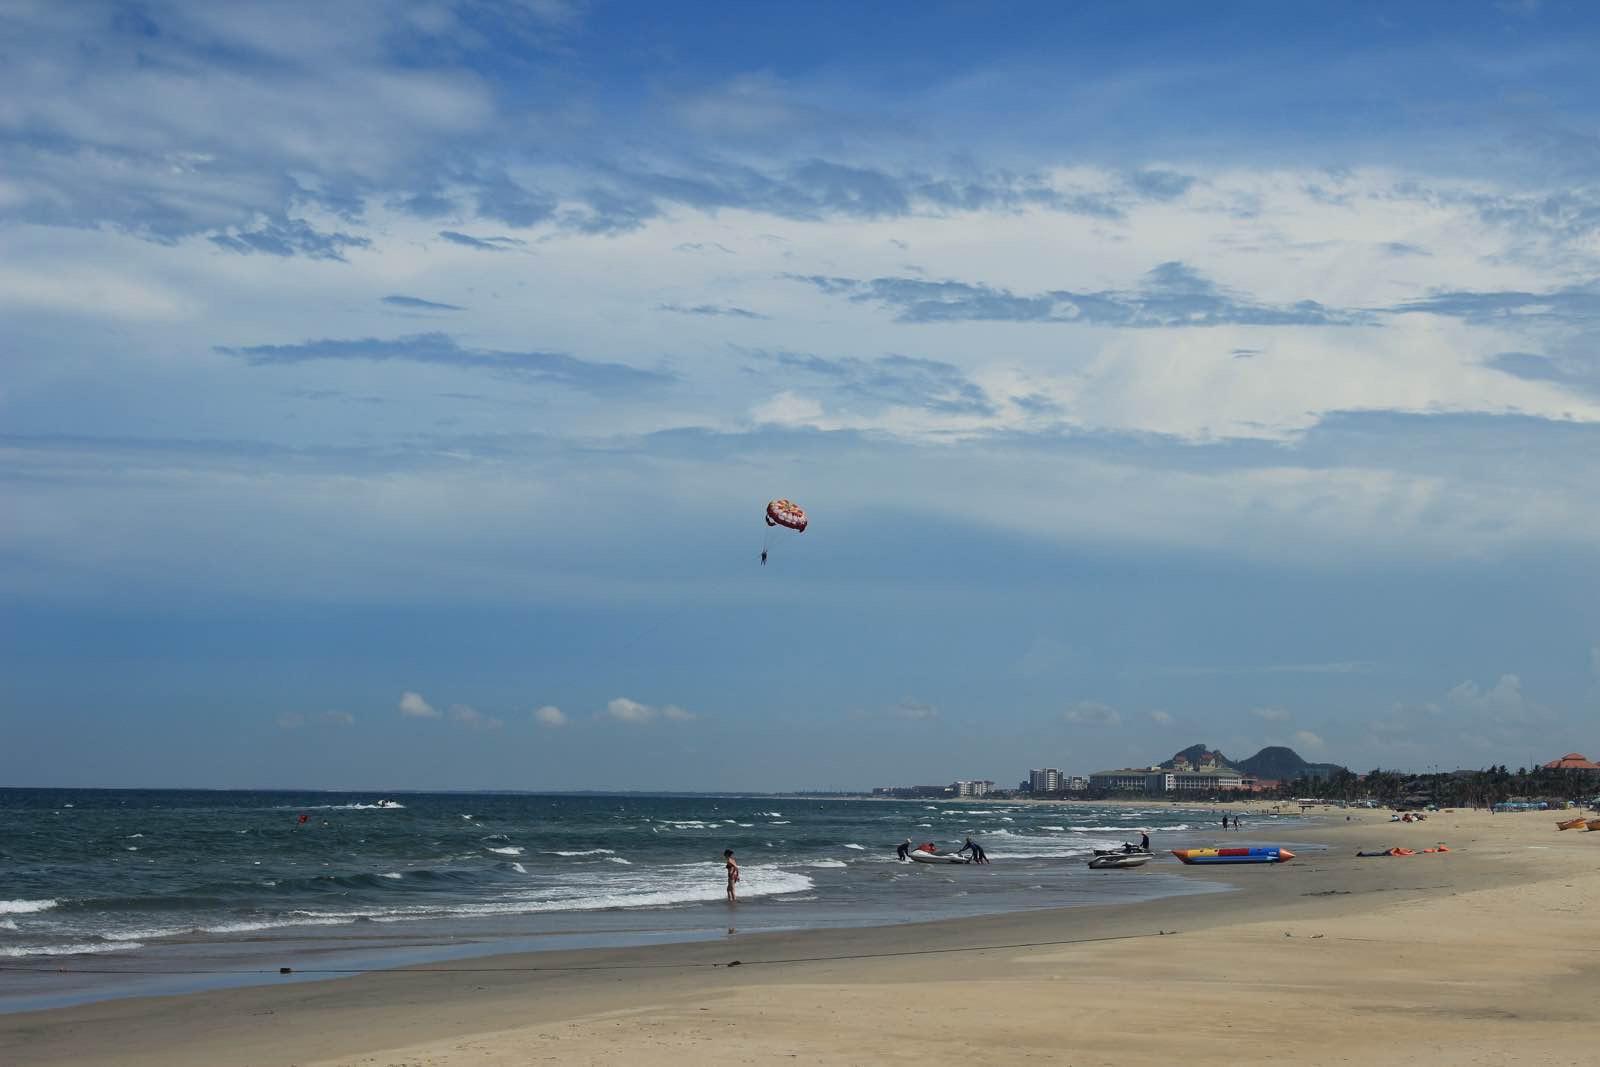 游記/这个降落伞,我也玩了一把,不错,700千越南盾。是摩托艇带的...